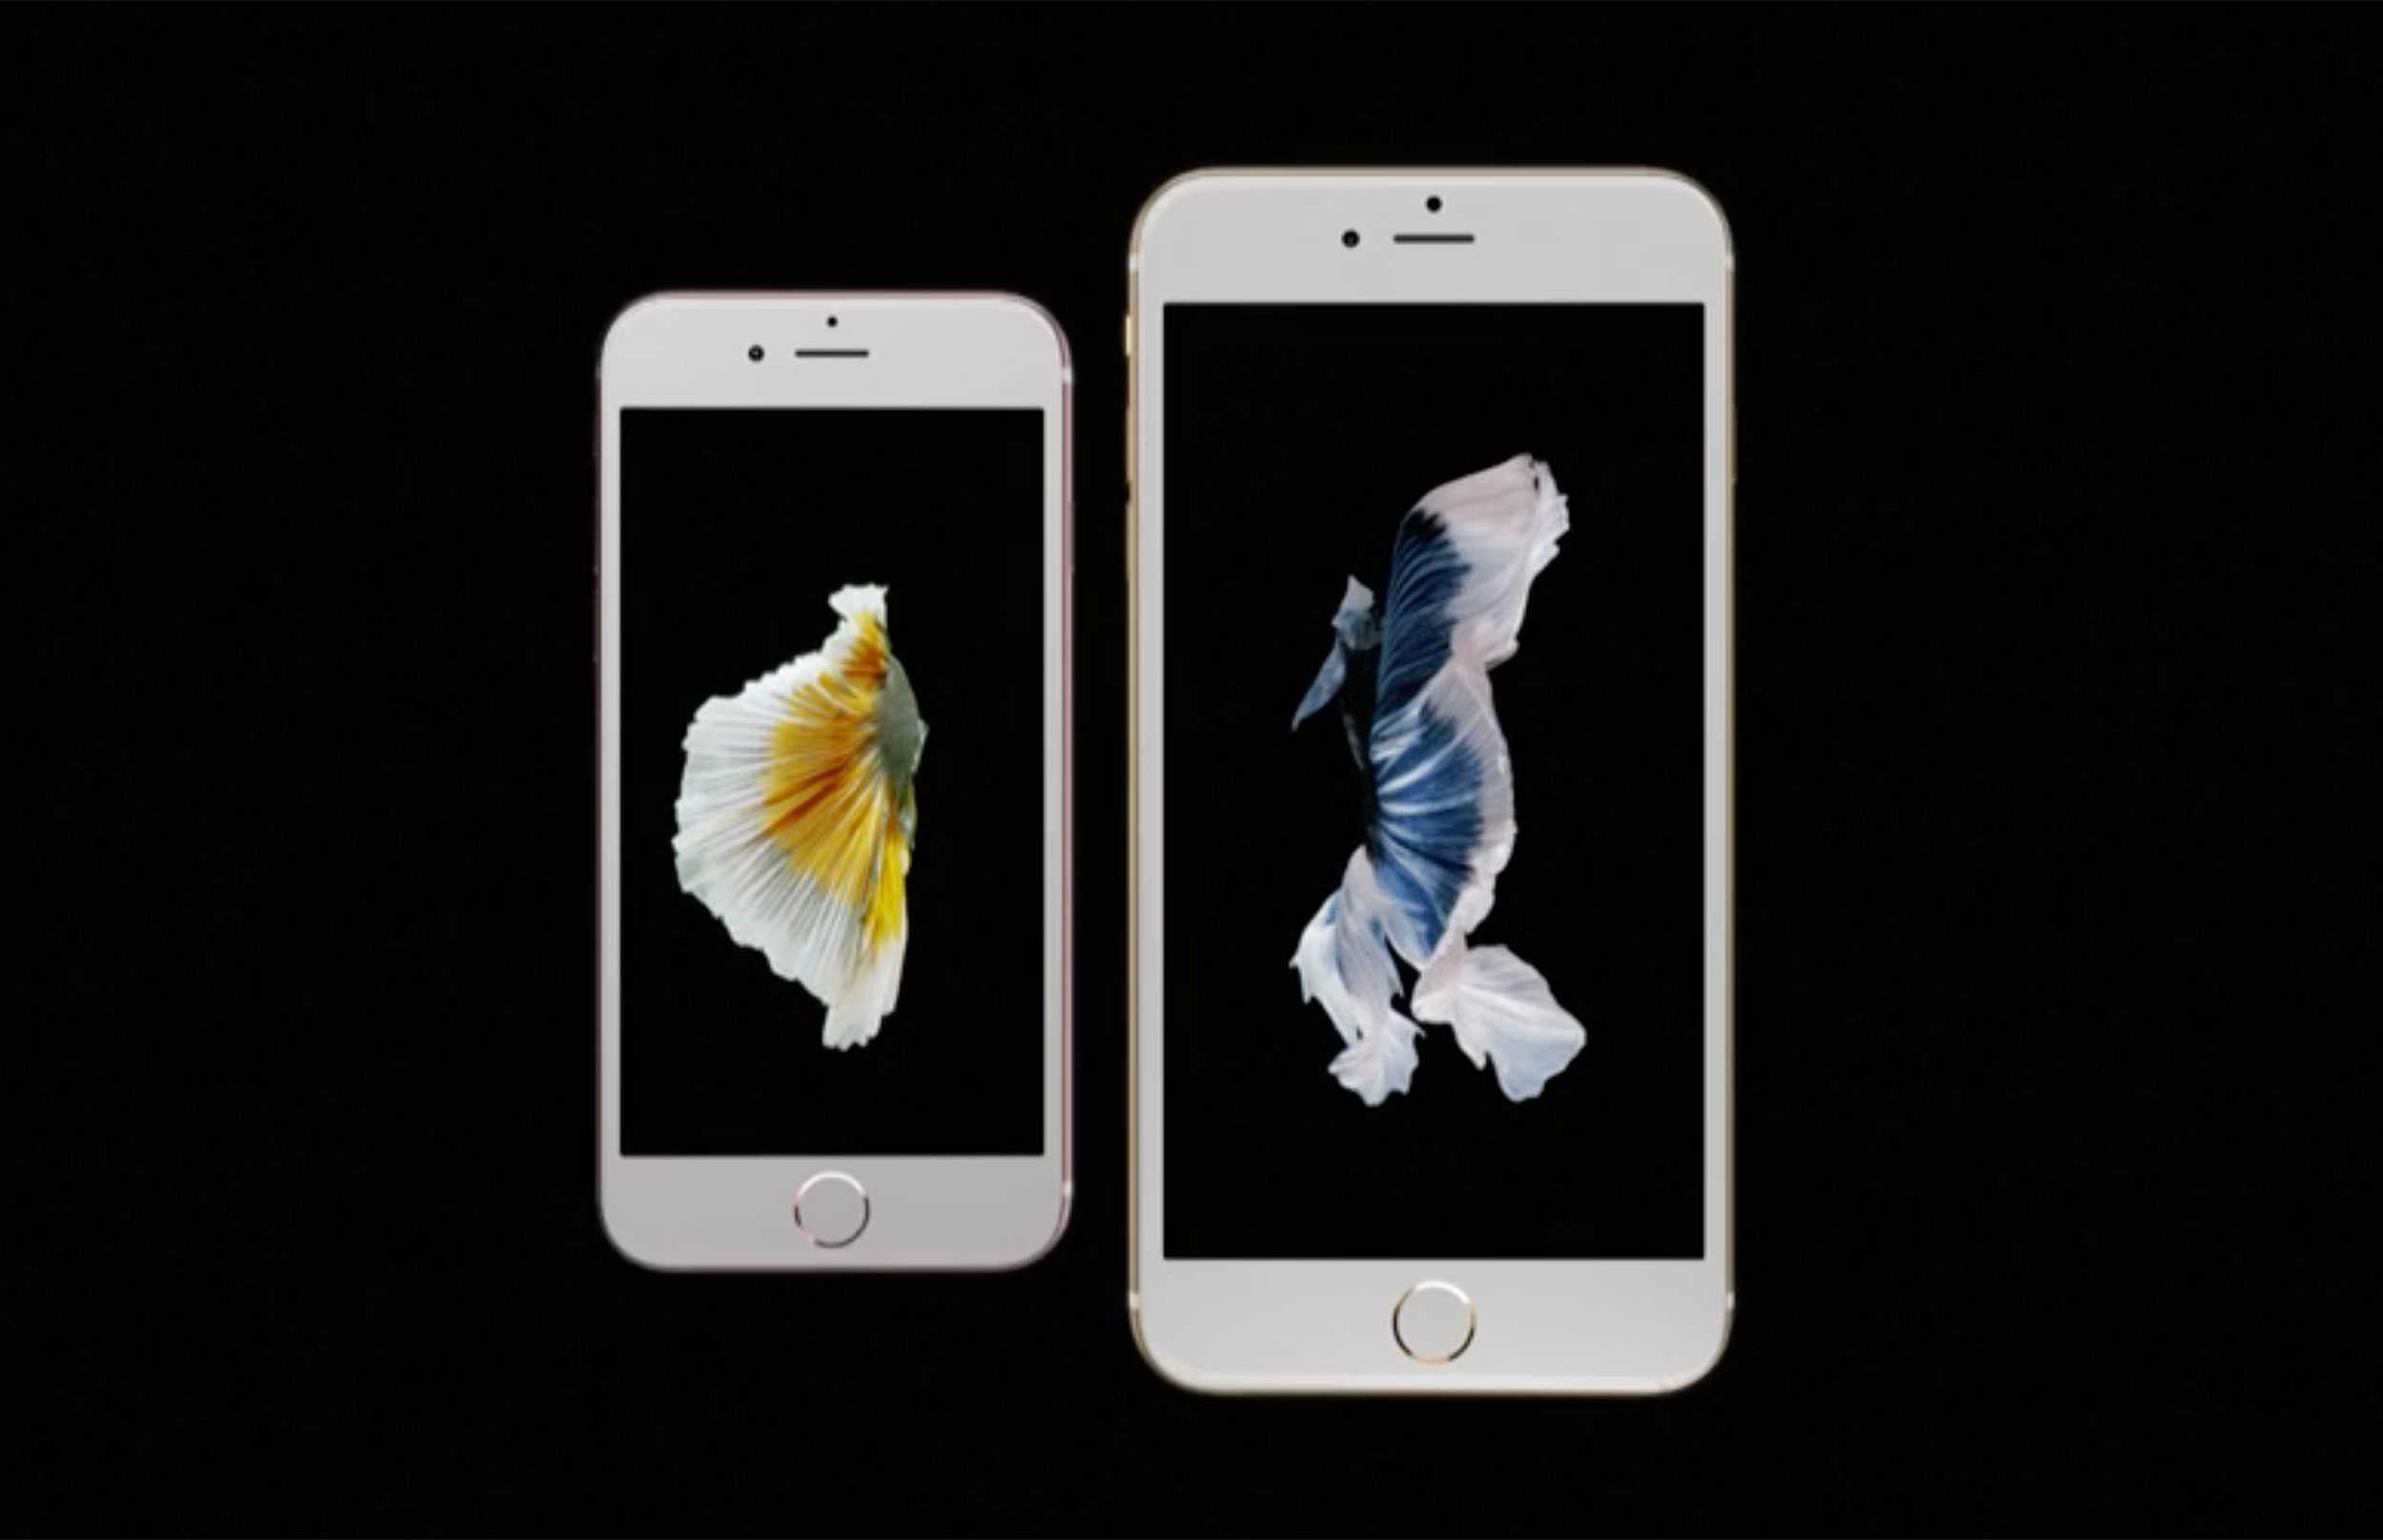 Présentation des iphone 6s et 6s plus d'apple! Youtube.